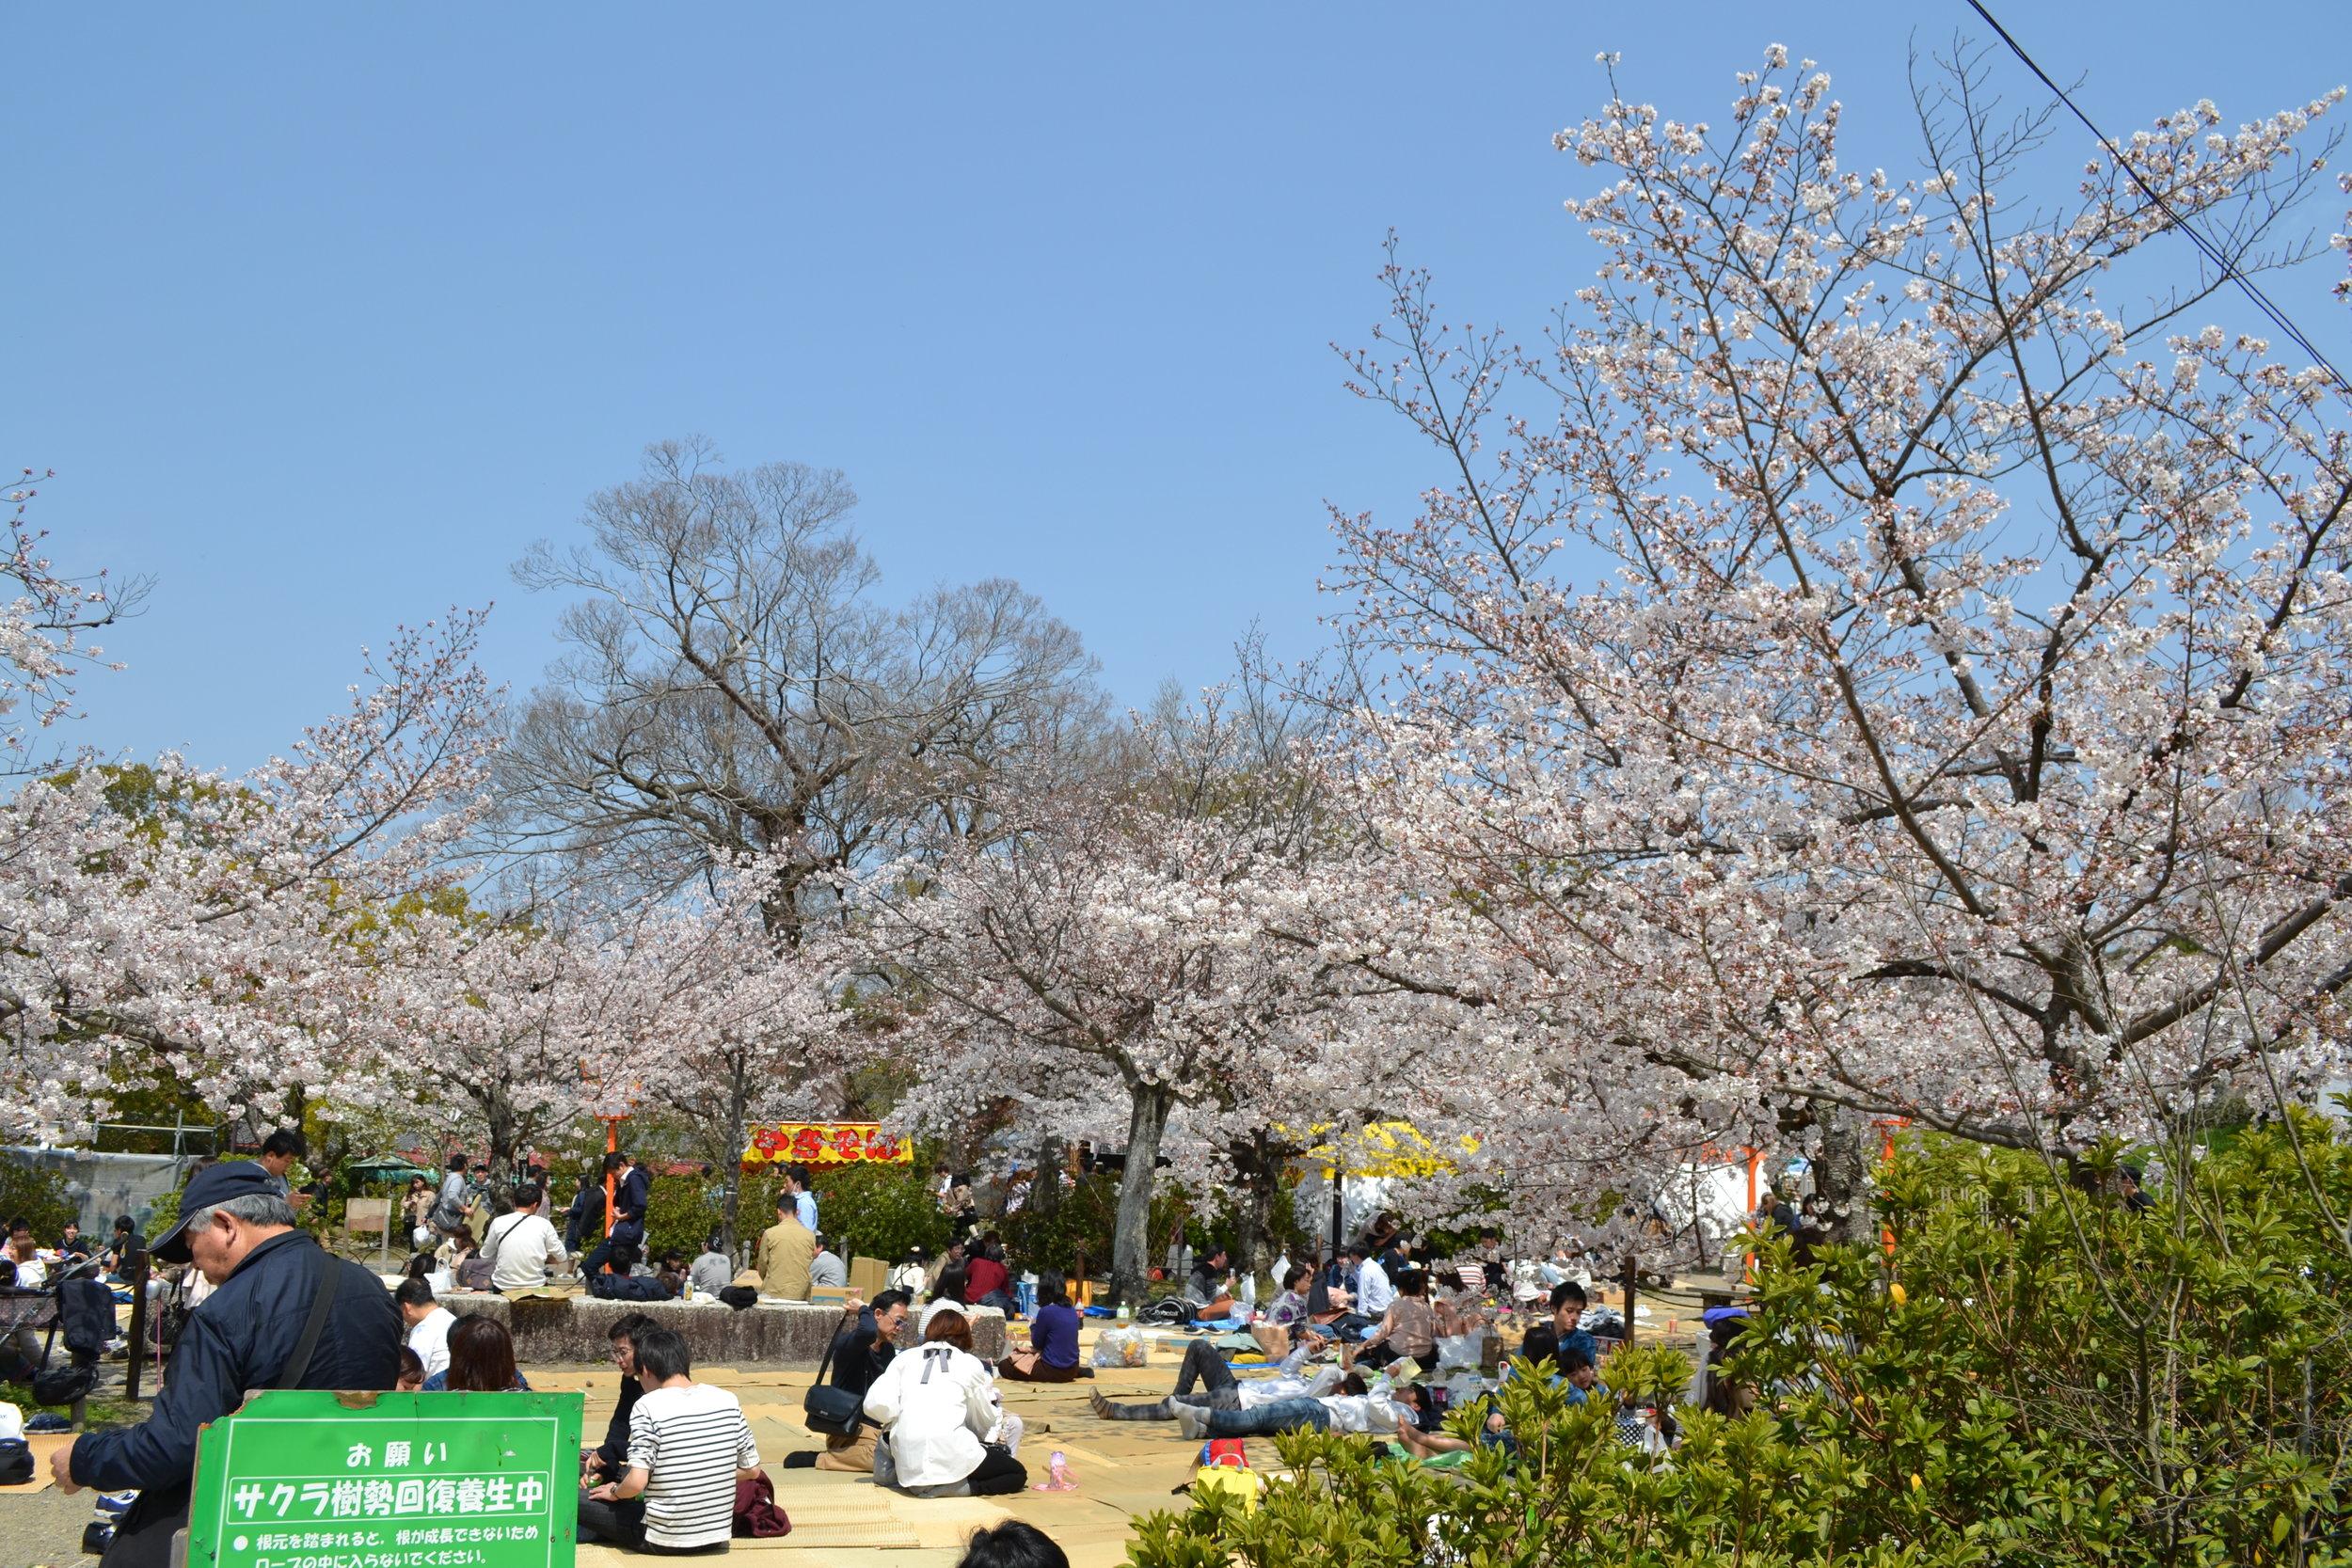 """Debajo de los árboles de sakura hay los picnics que se llama  hanami.  La traducción literal de  hanami  es """"mirar a las flores,"""" entonces en los parques de sakura hay puestos para comer una comidita con tus amigos para ver a las flores sakuras."""